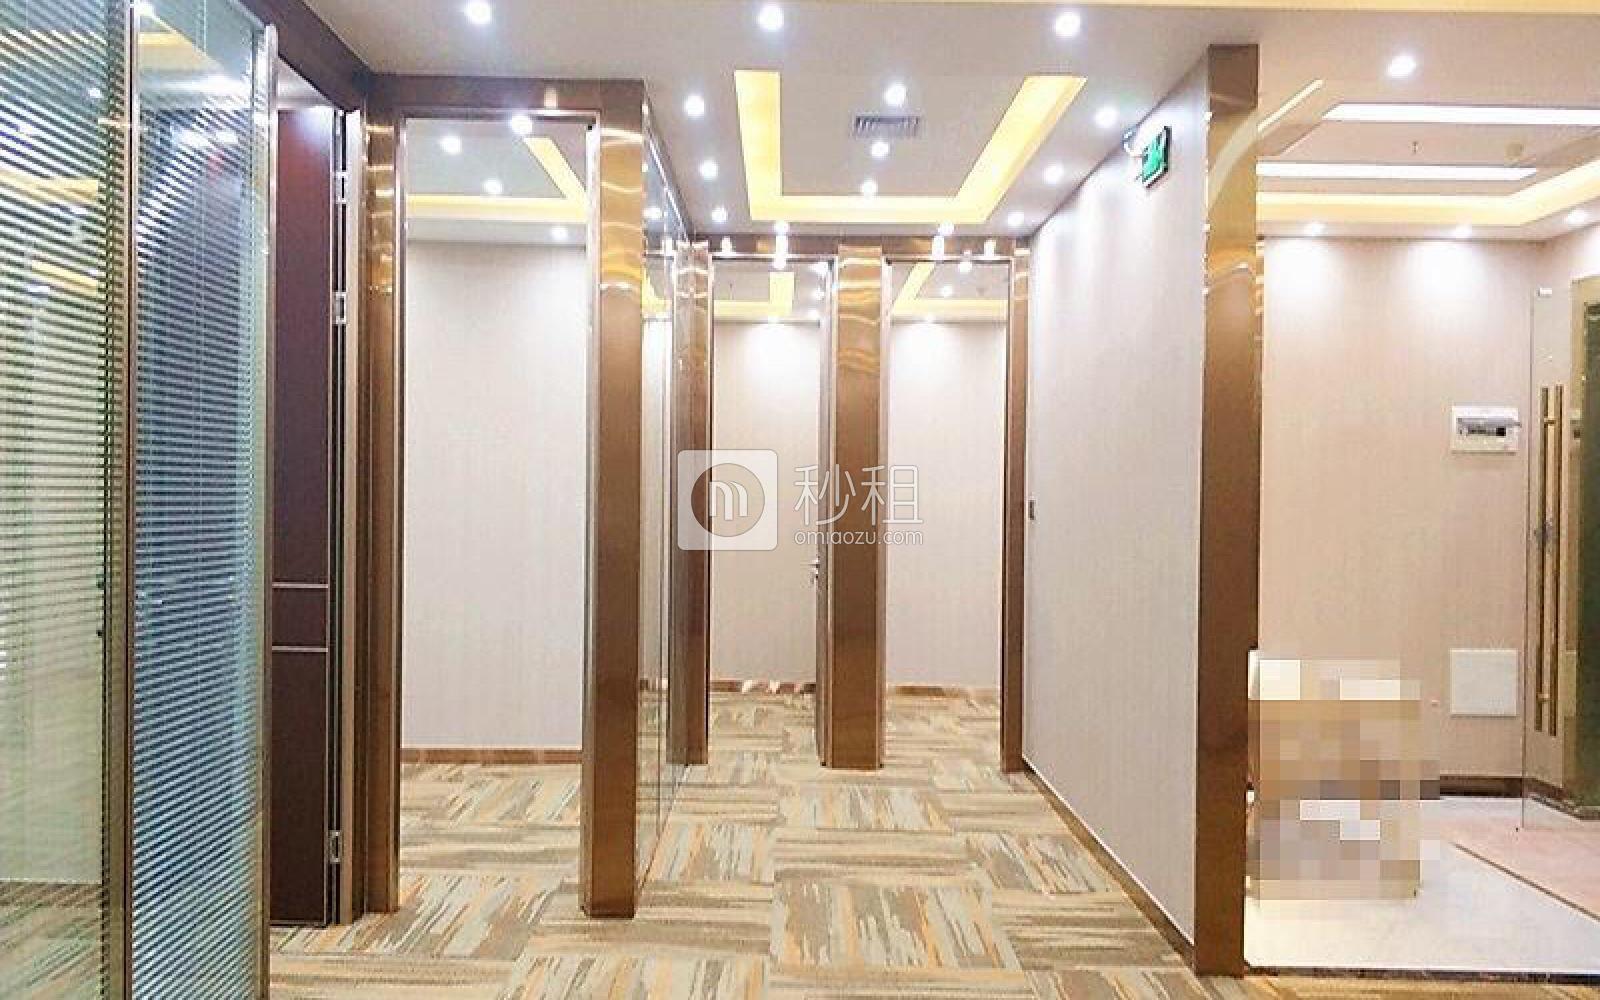 弘夏国际商务中心-新天世纪商务中心